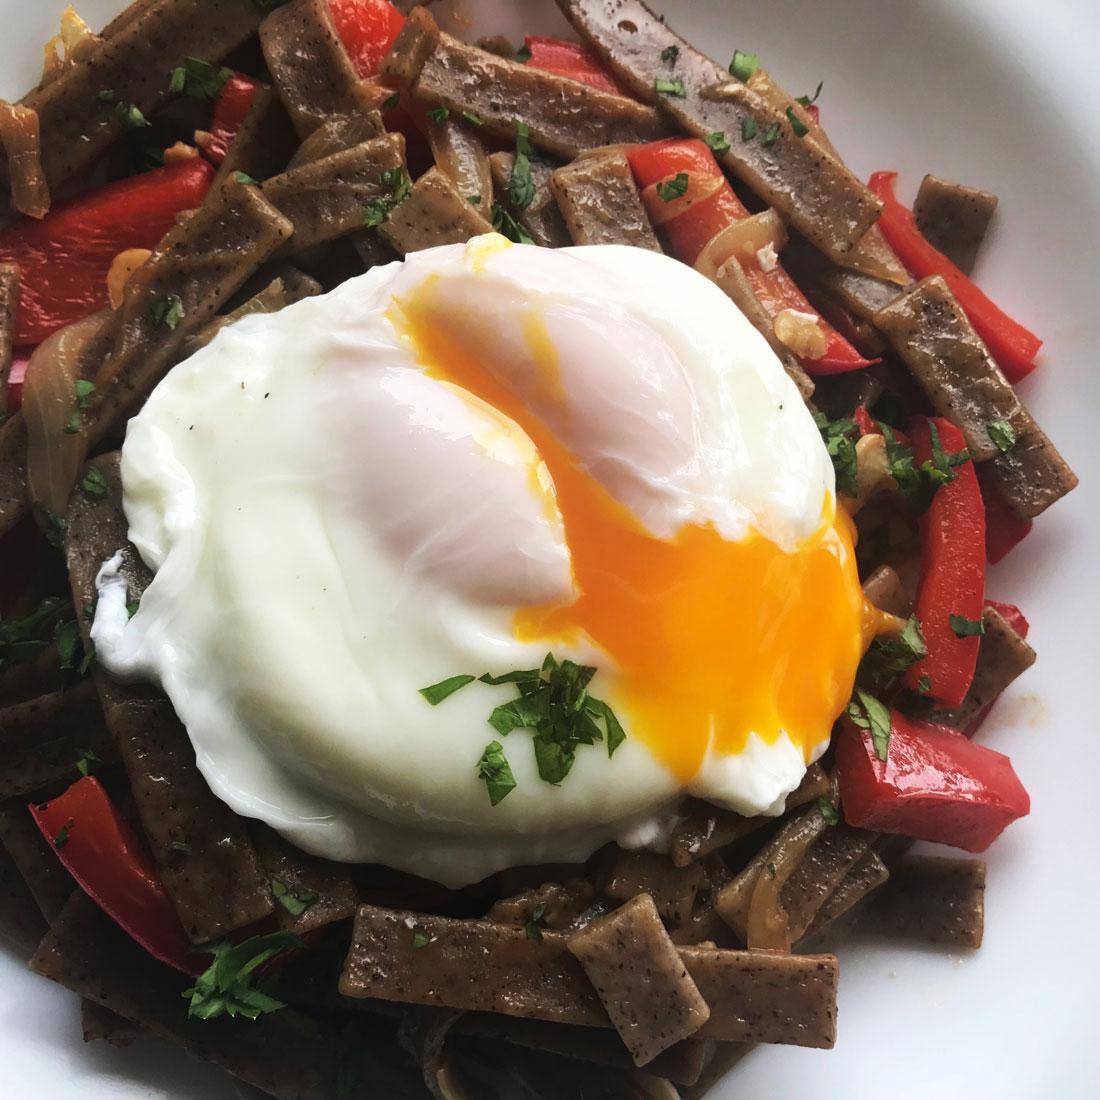 Pasta con vegetales y huevo rápida fácil rica Come Vive Viaja